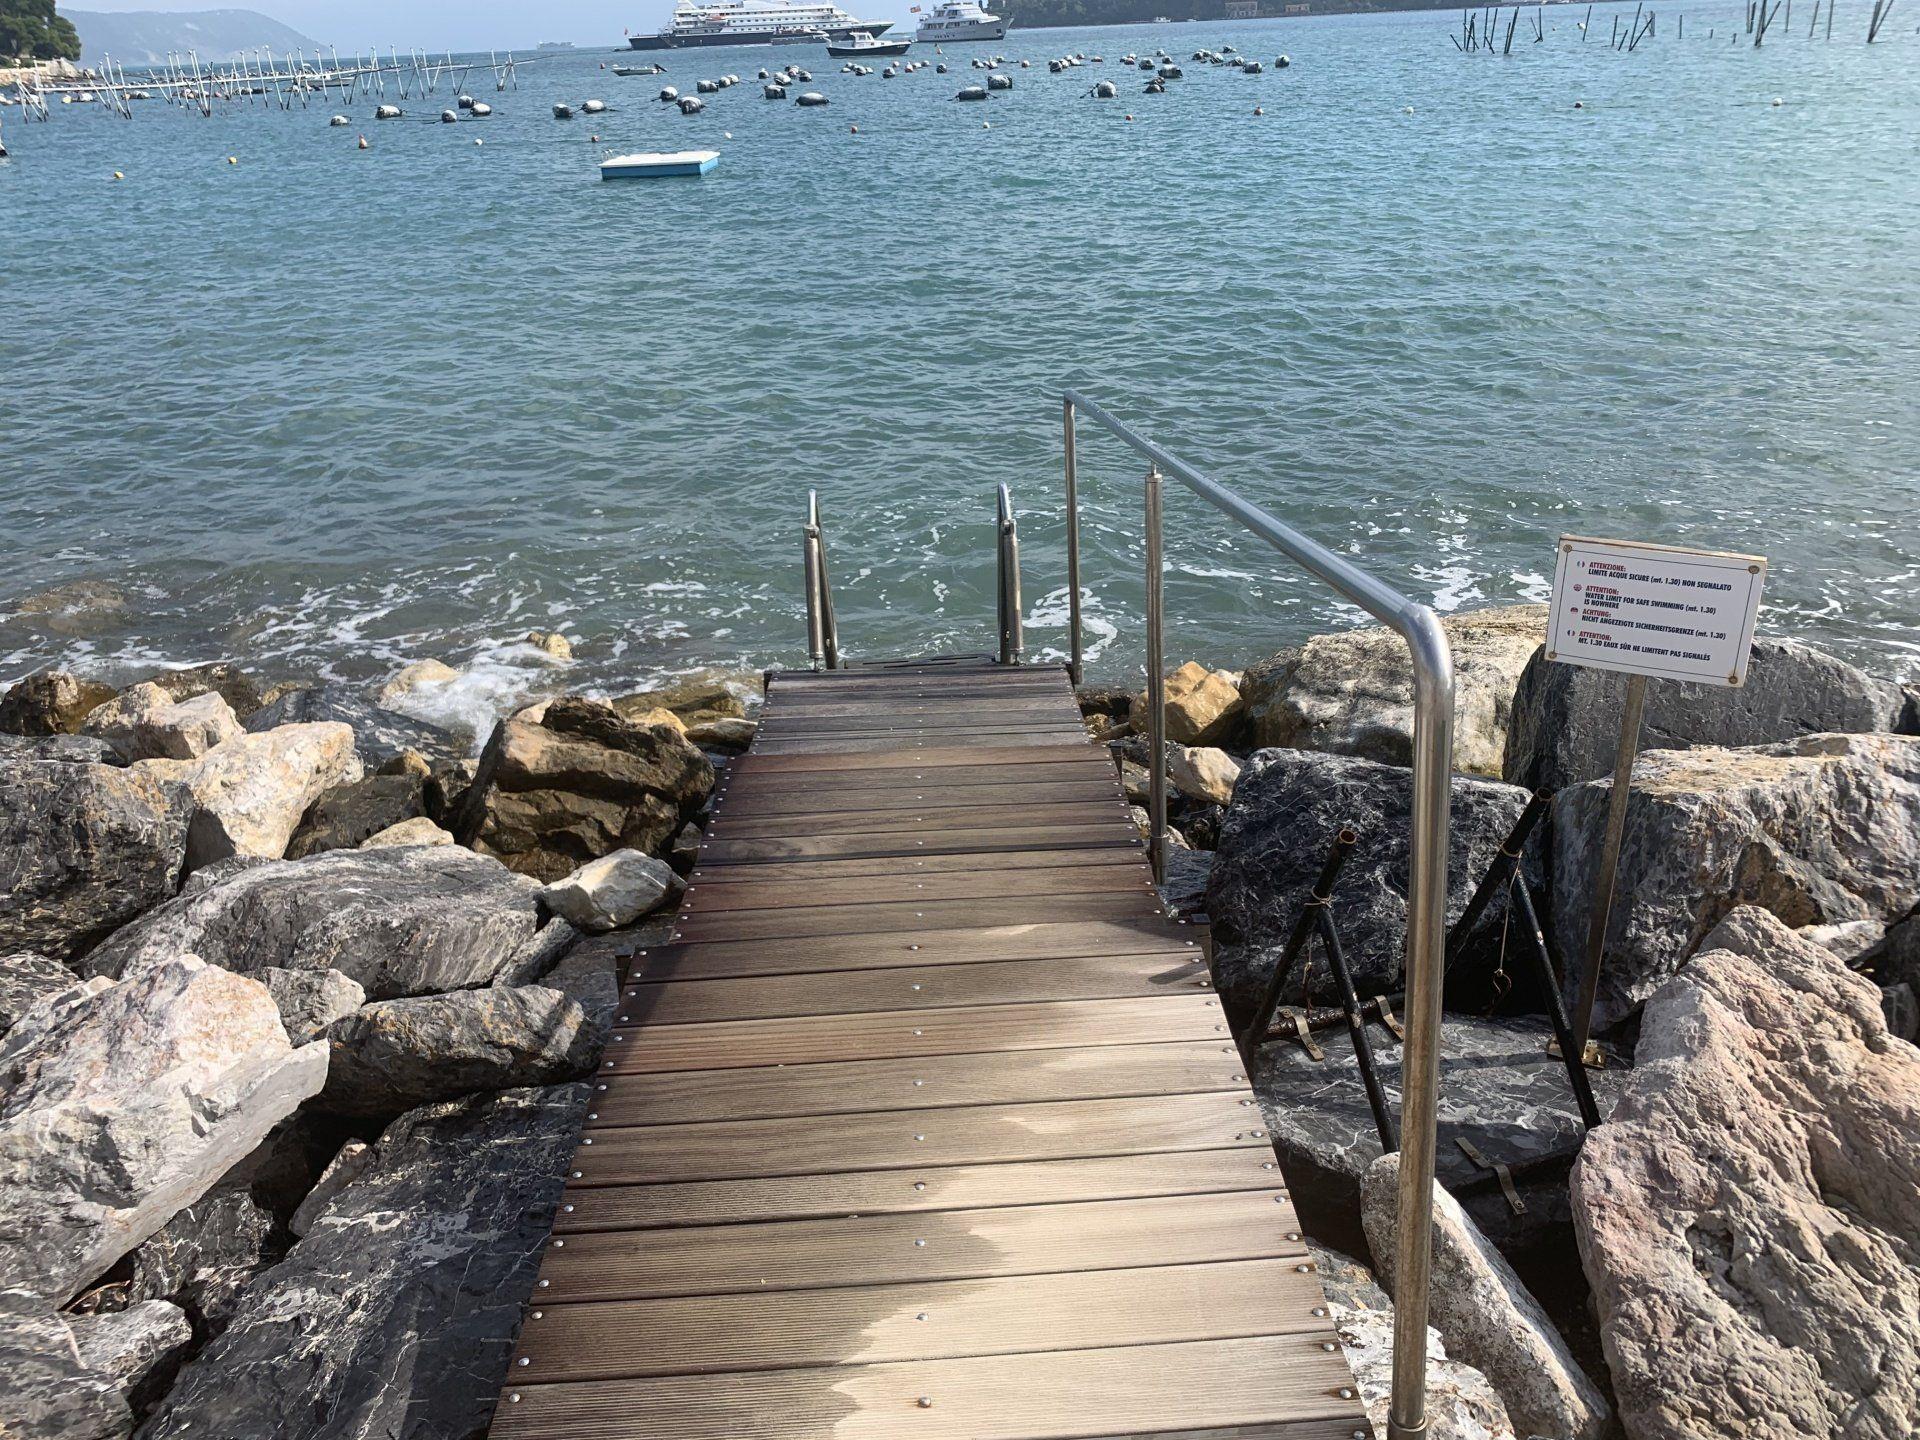 BAGNI SPORTING BEACH